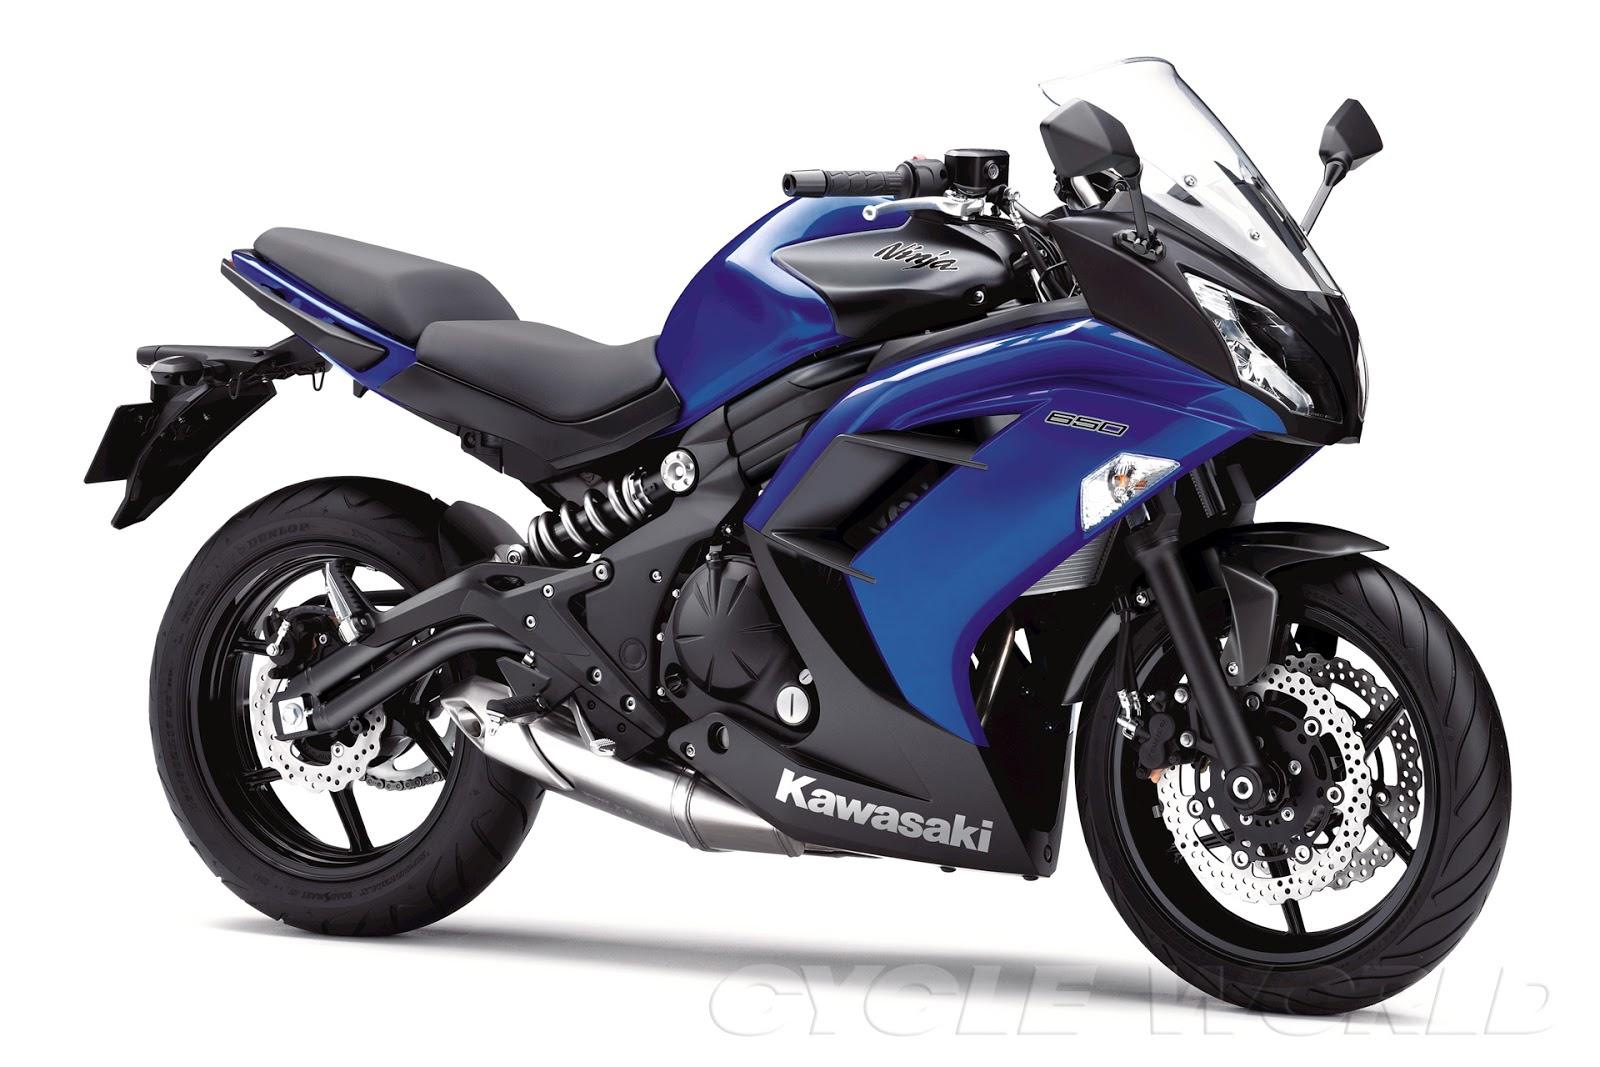 Gambar Motor Kawasaki Ninja 650 2013 Terbaru